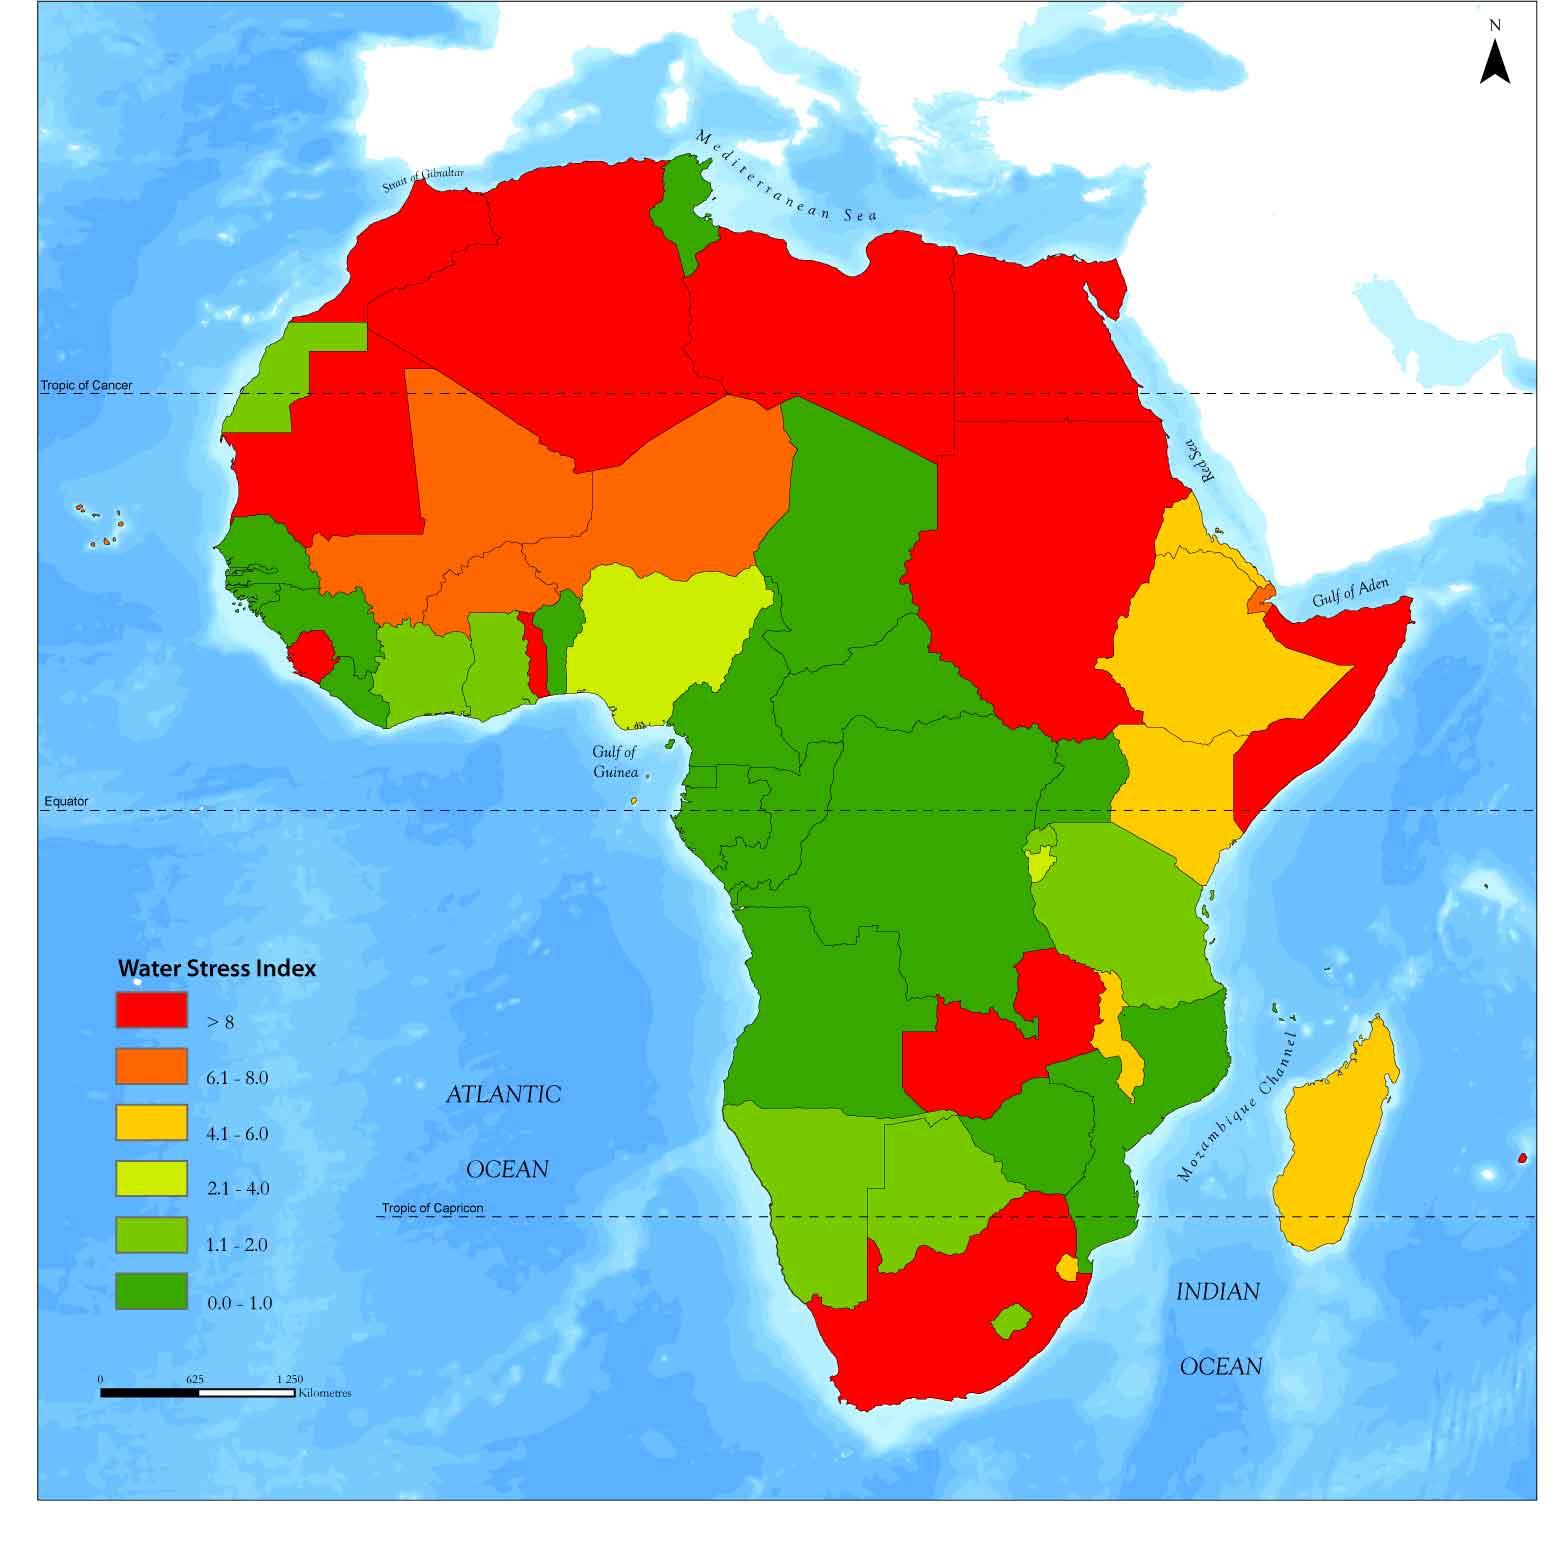 Índice de estrés hídrico de África